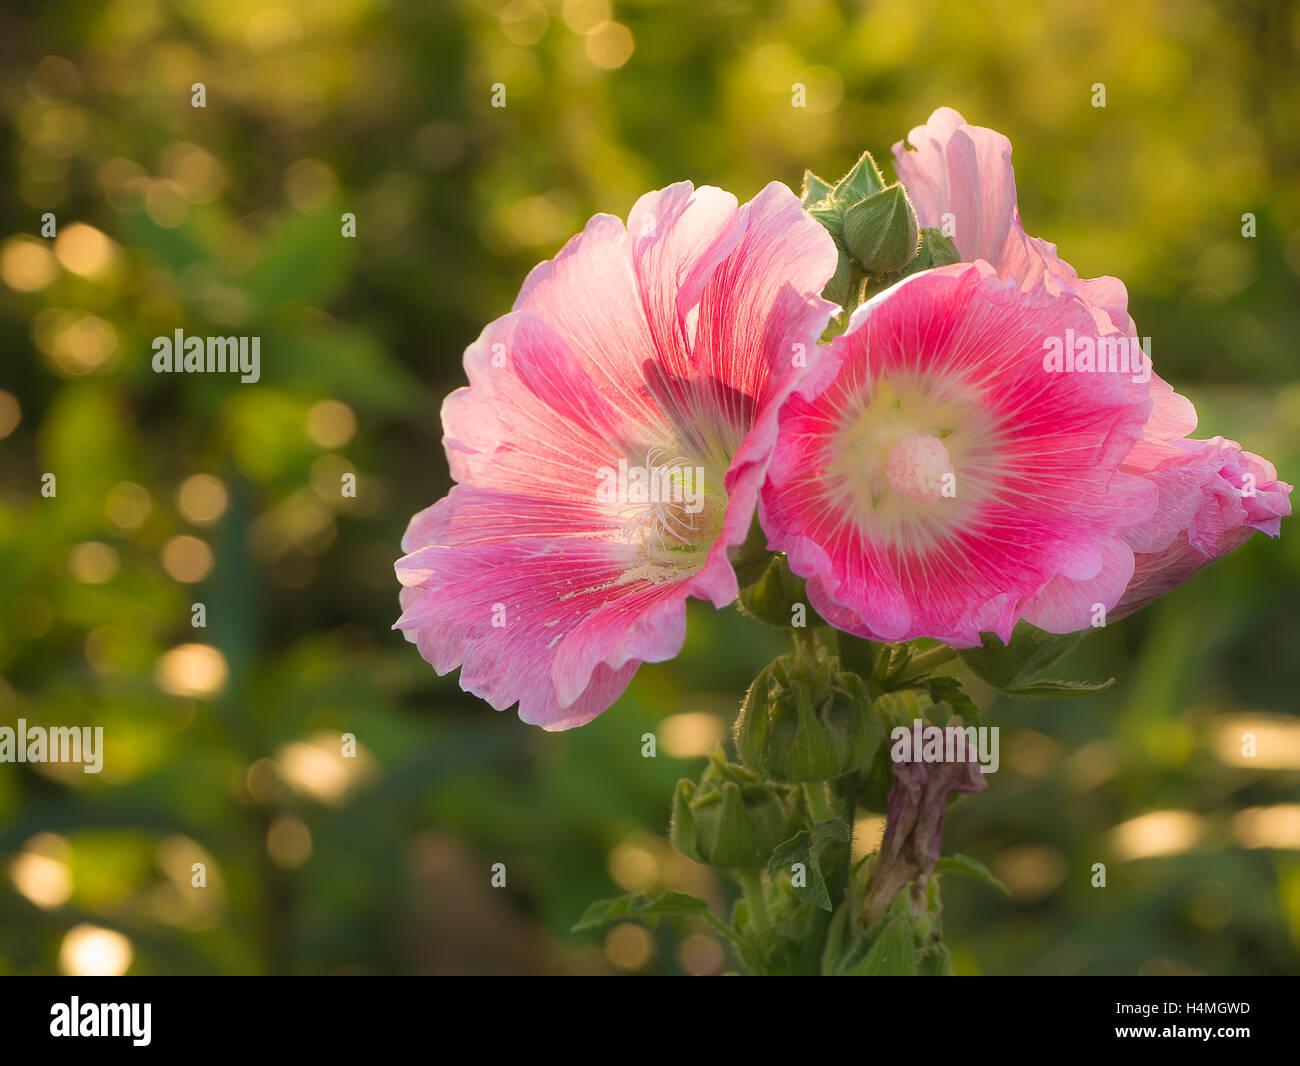 Pink Biennial Flower in evening light - Stock Image